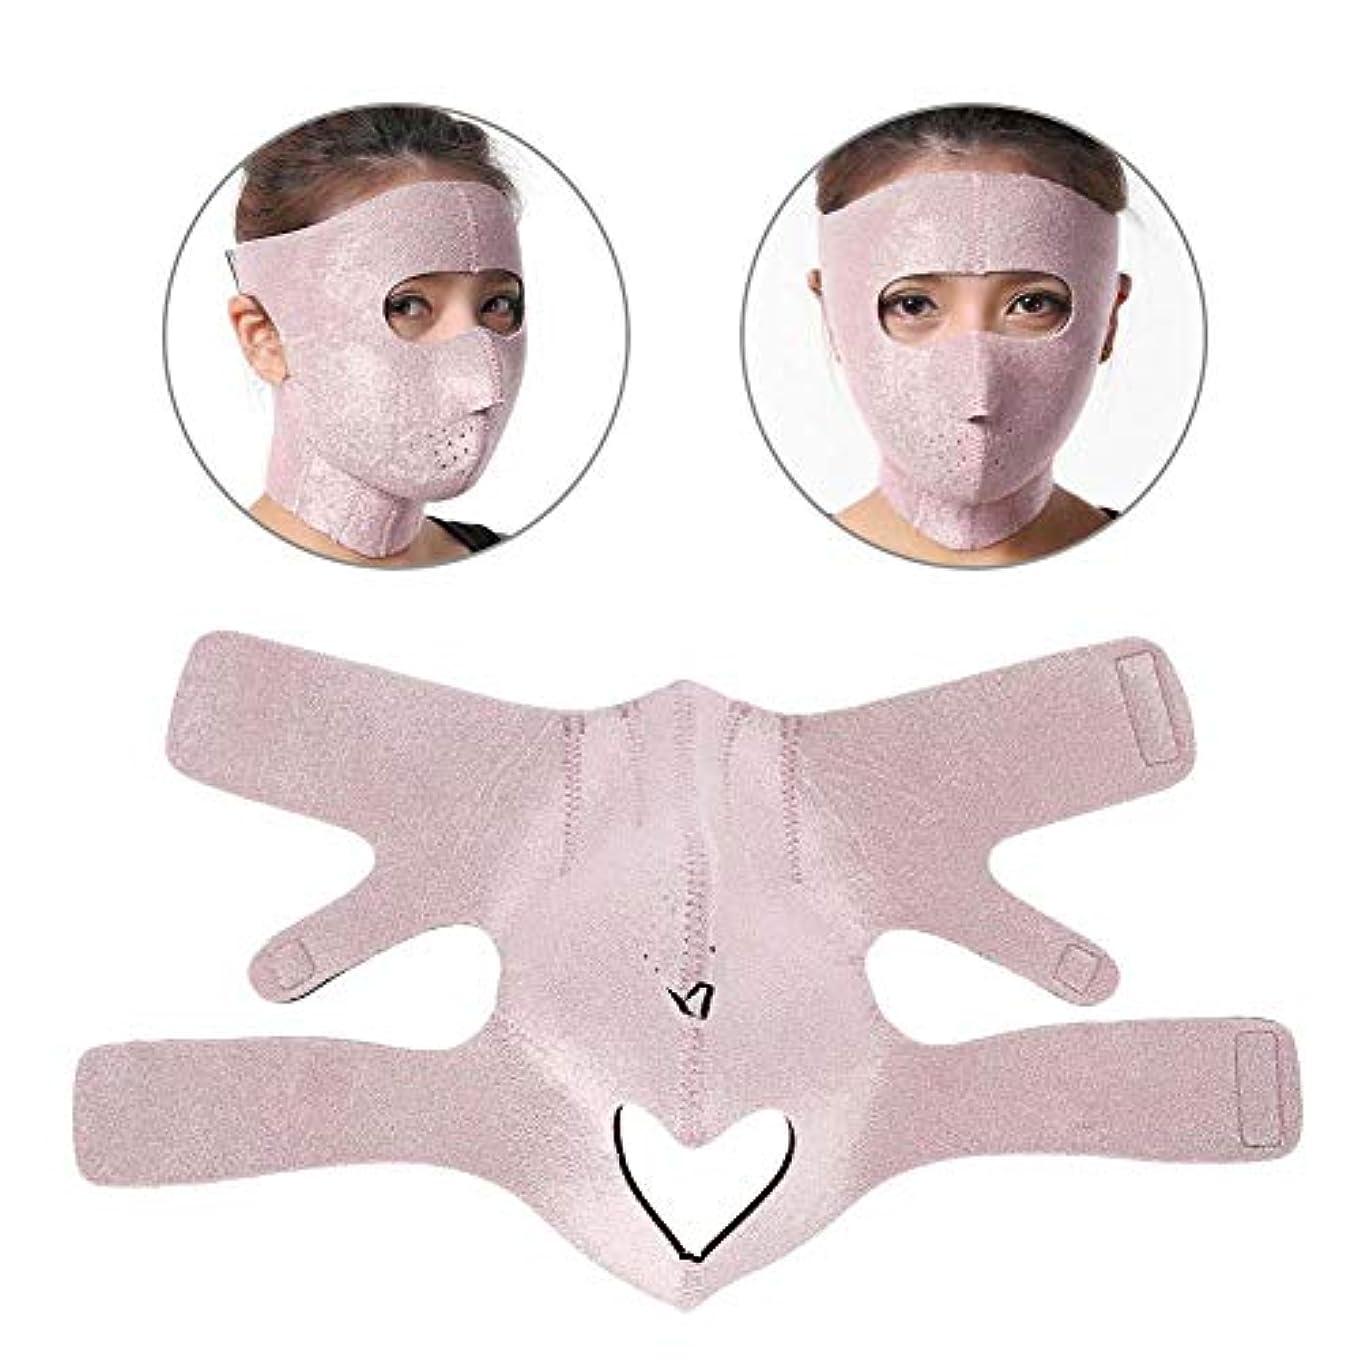 最大障害者モーター顔の輪郭を改善する 美容包帯 フェイスリフト用フェイスマスク 通気性/伸縮性/変形不可